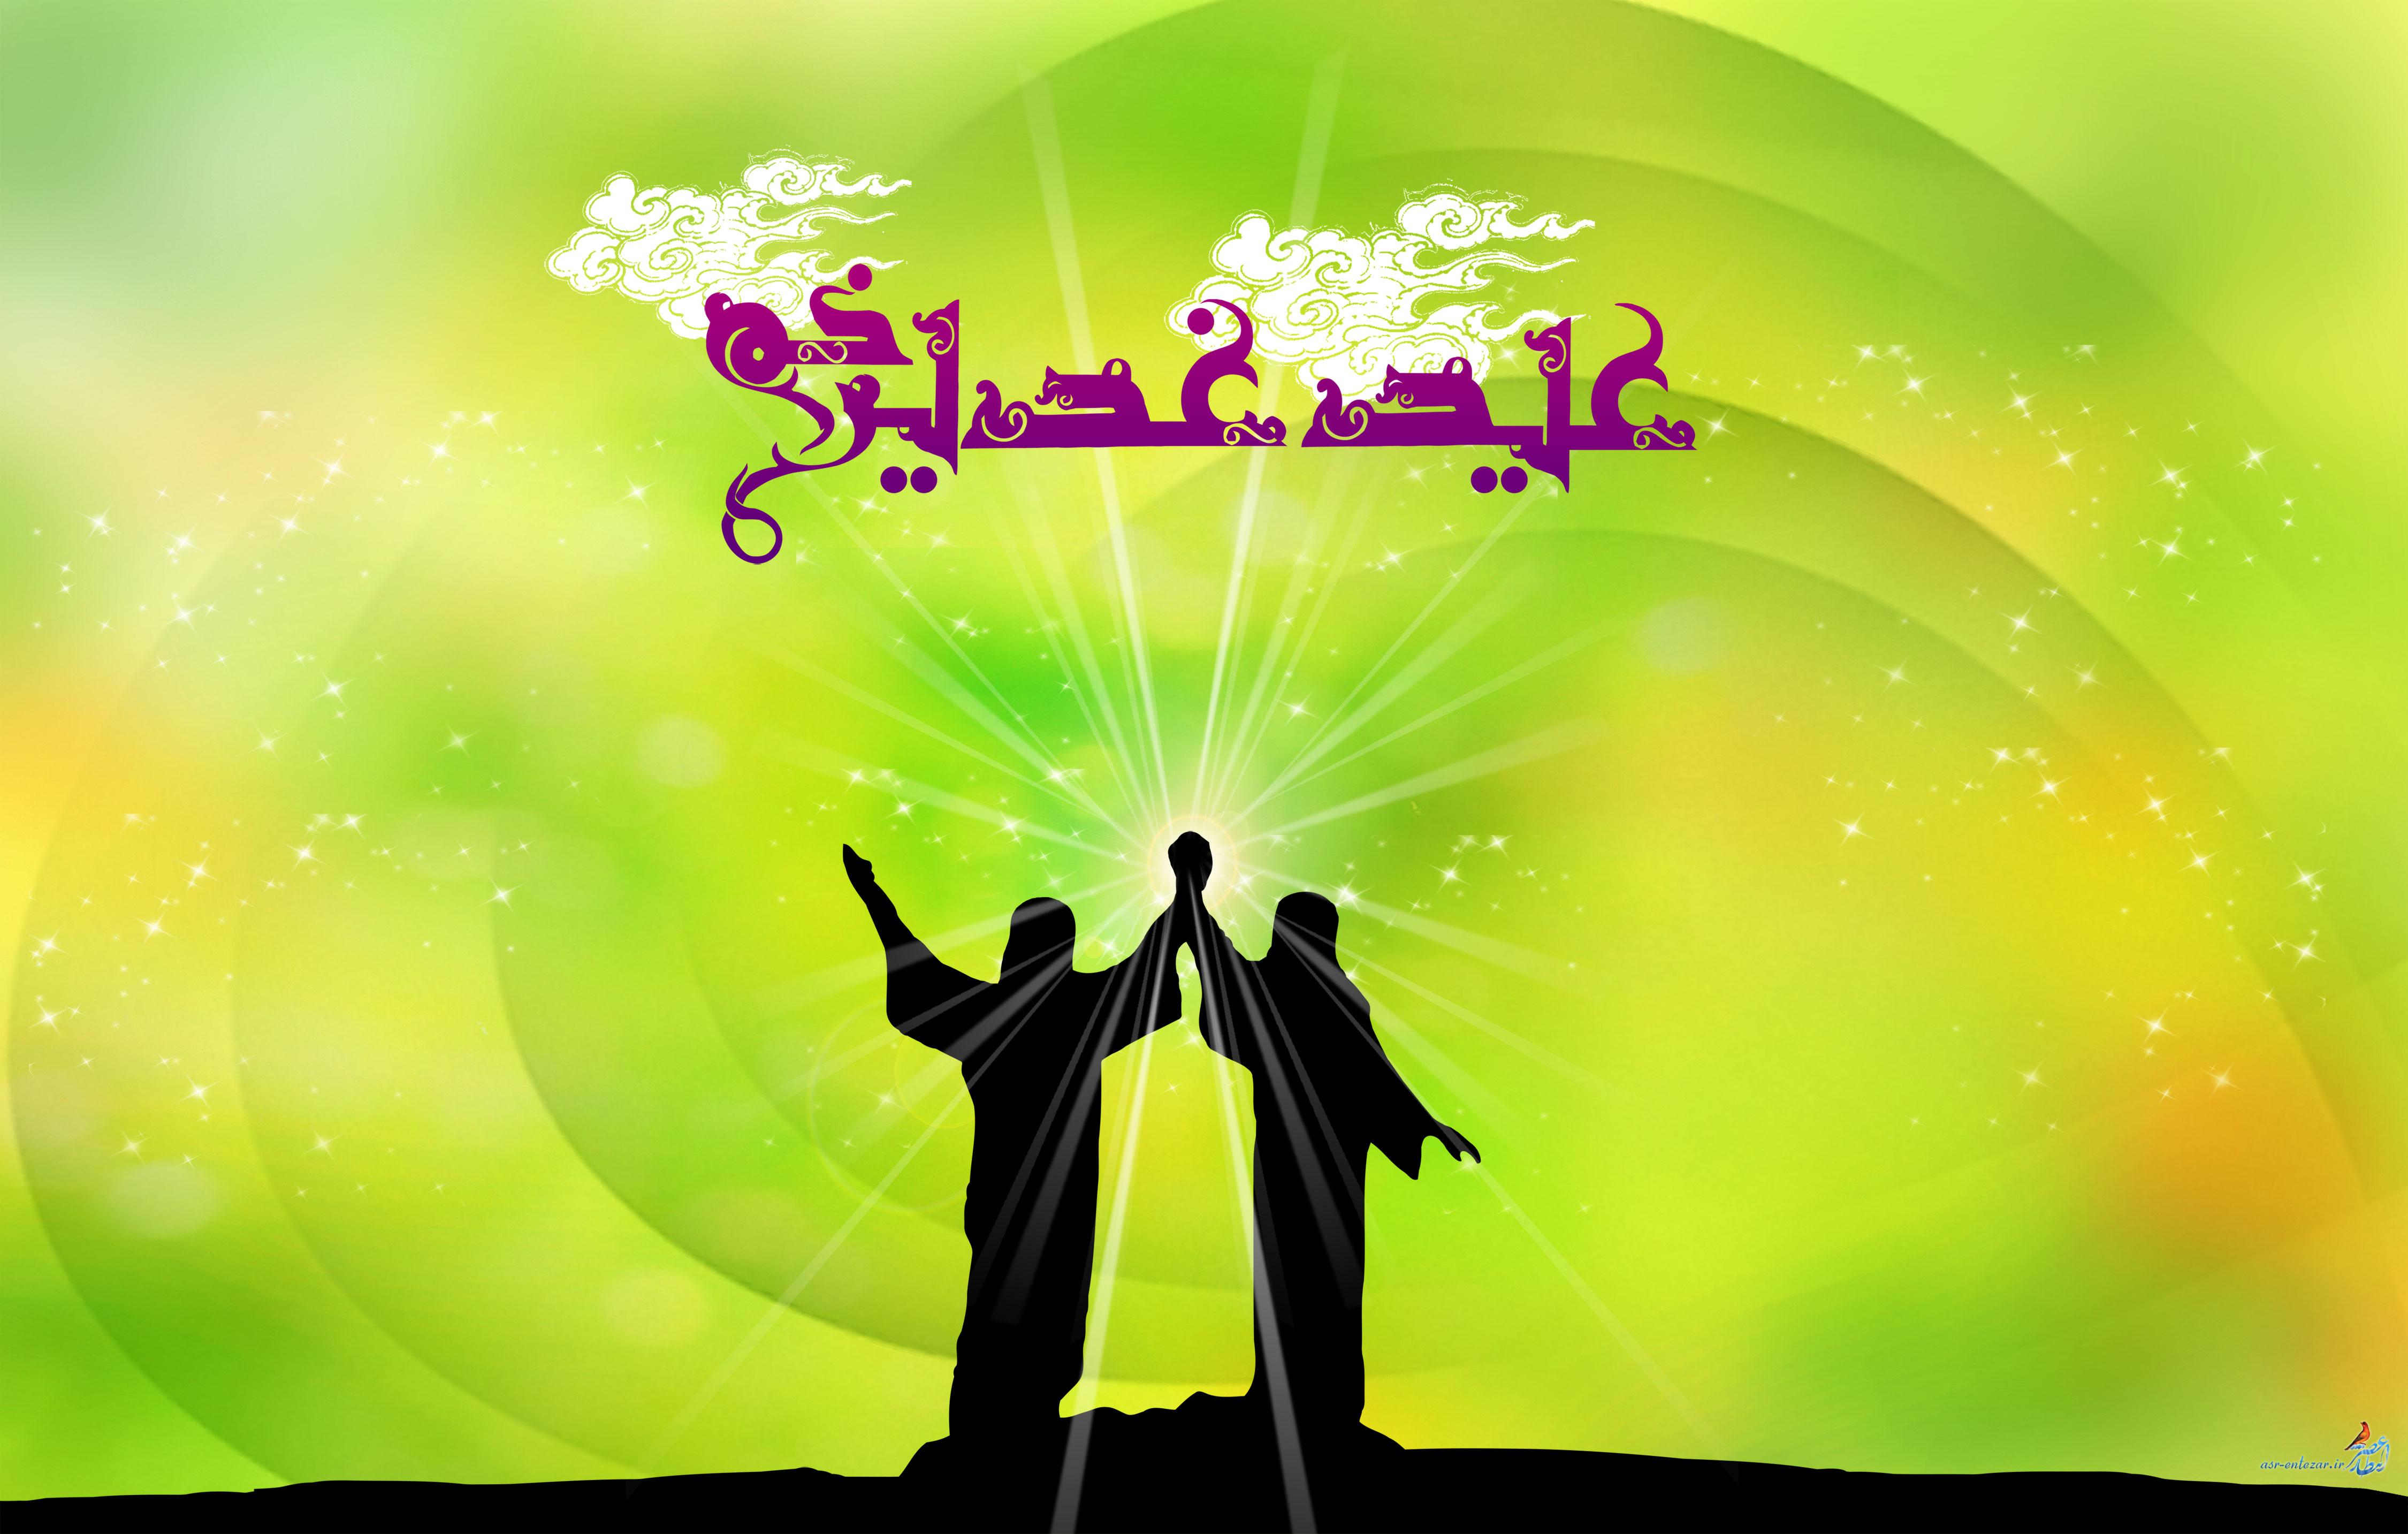 روشنایی دین اسلام با دست های بالا+ والپیپر